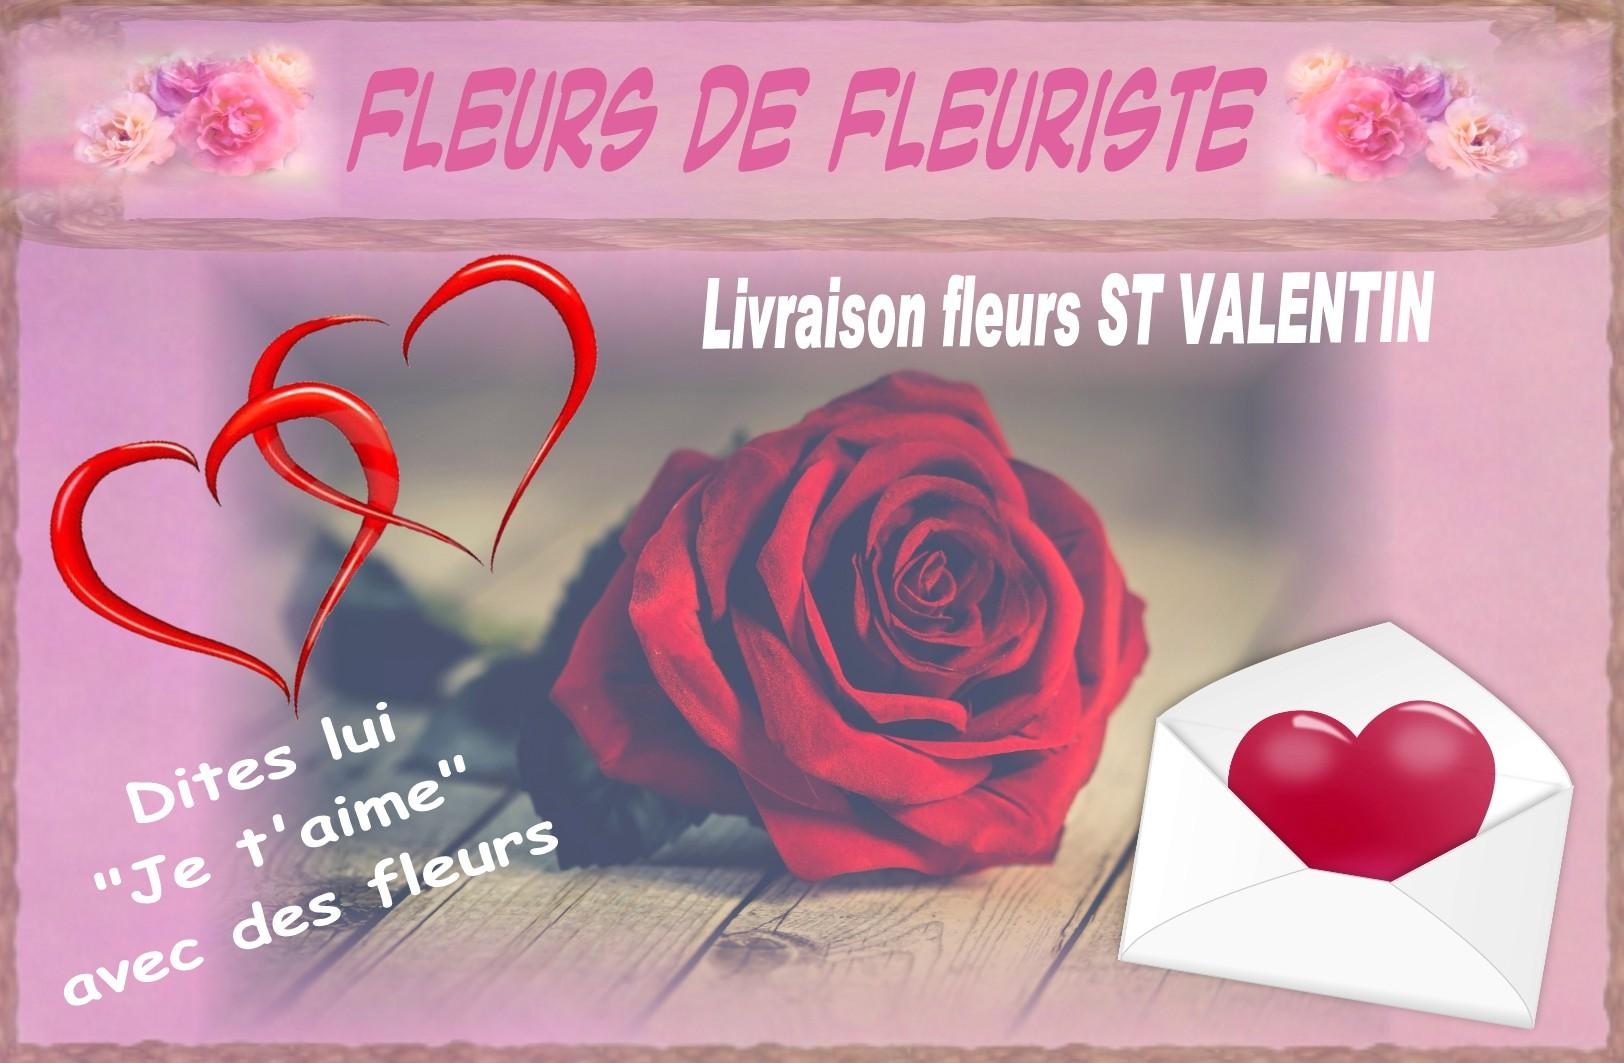 2002cf8d58a5 SAINT VALENTIN - LIVRAISON FLEURS POUR LA SAINT VALENTIN